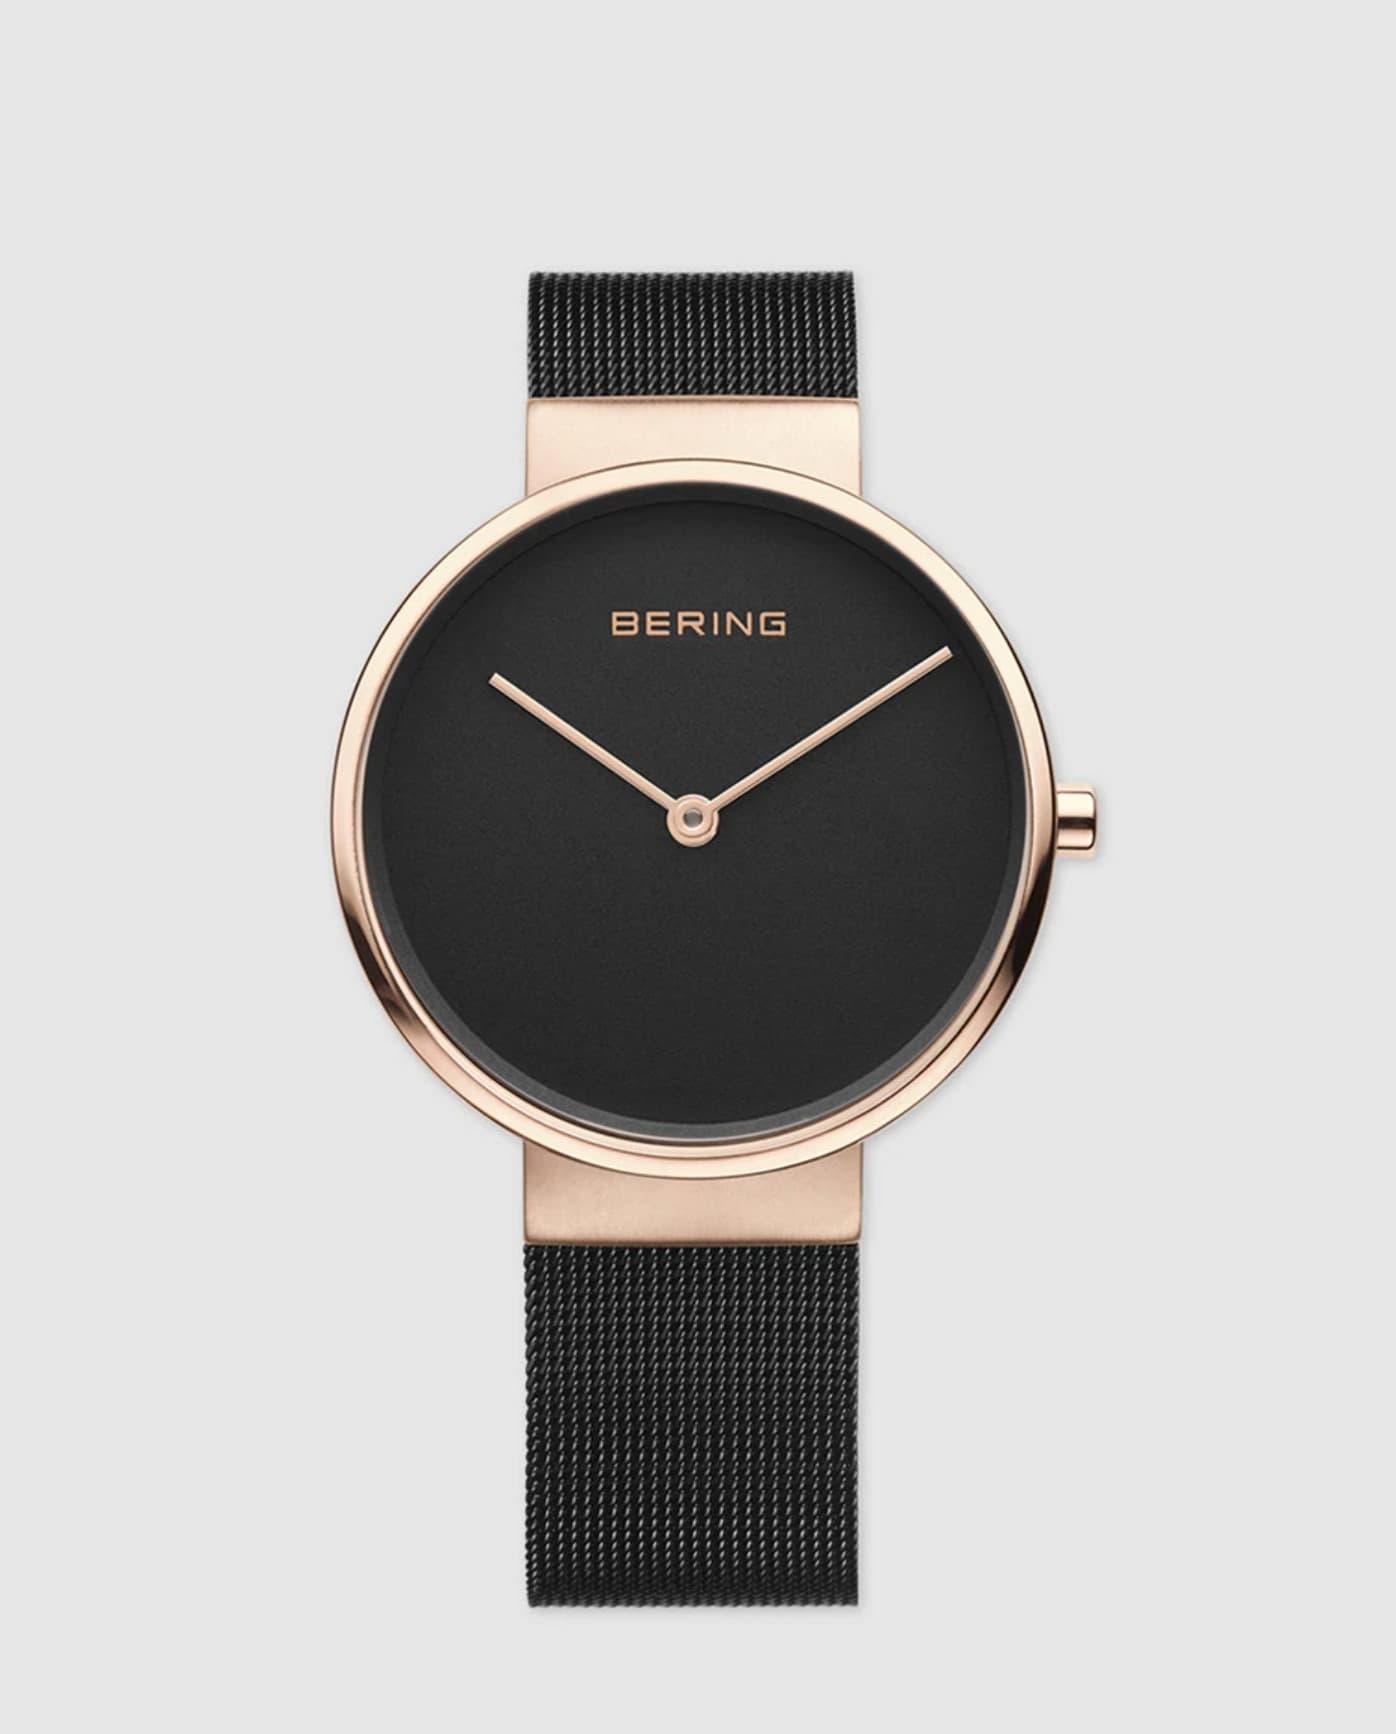 Reloj de mujer Bering 14539-166 de acero negro